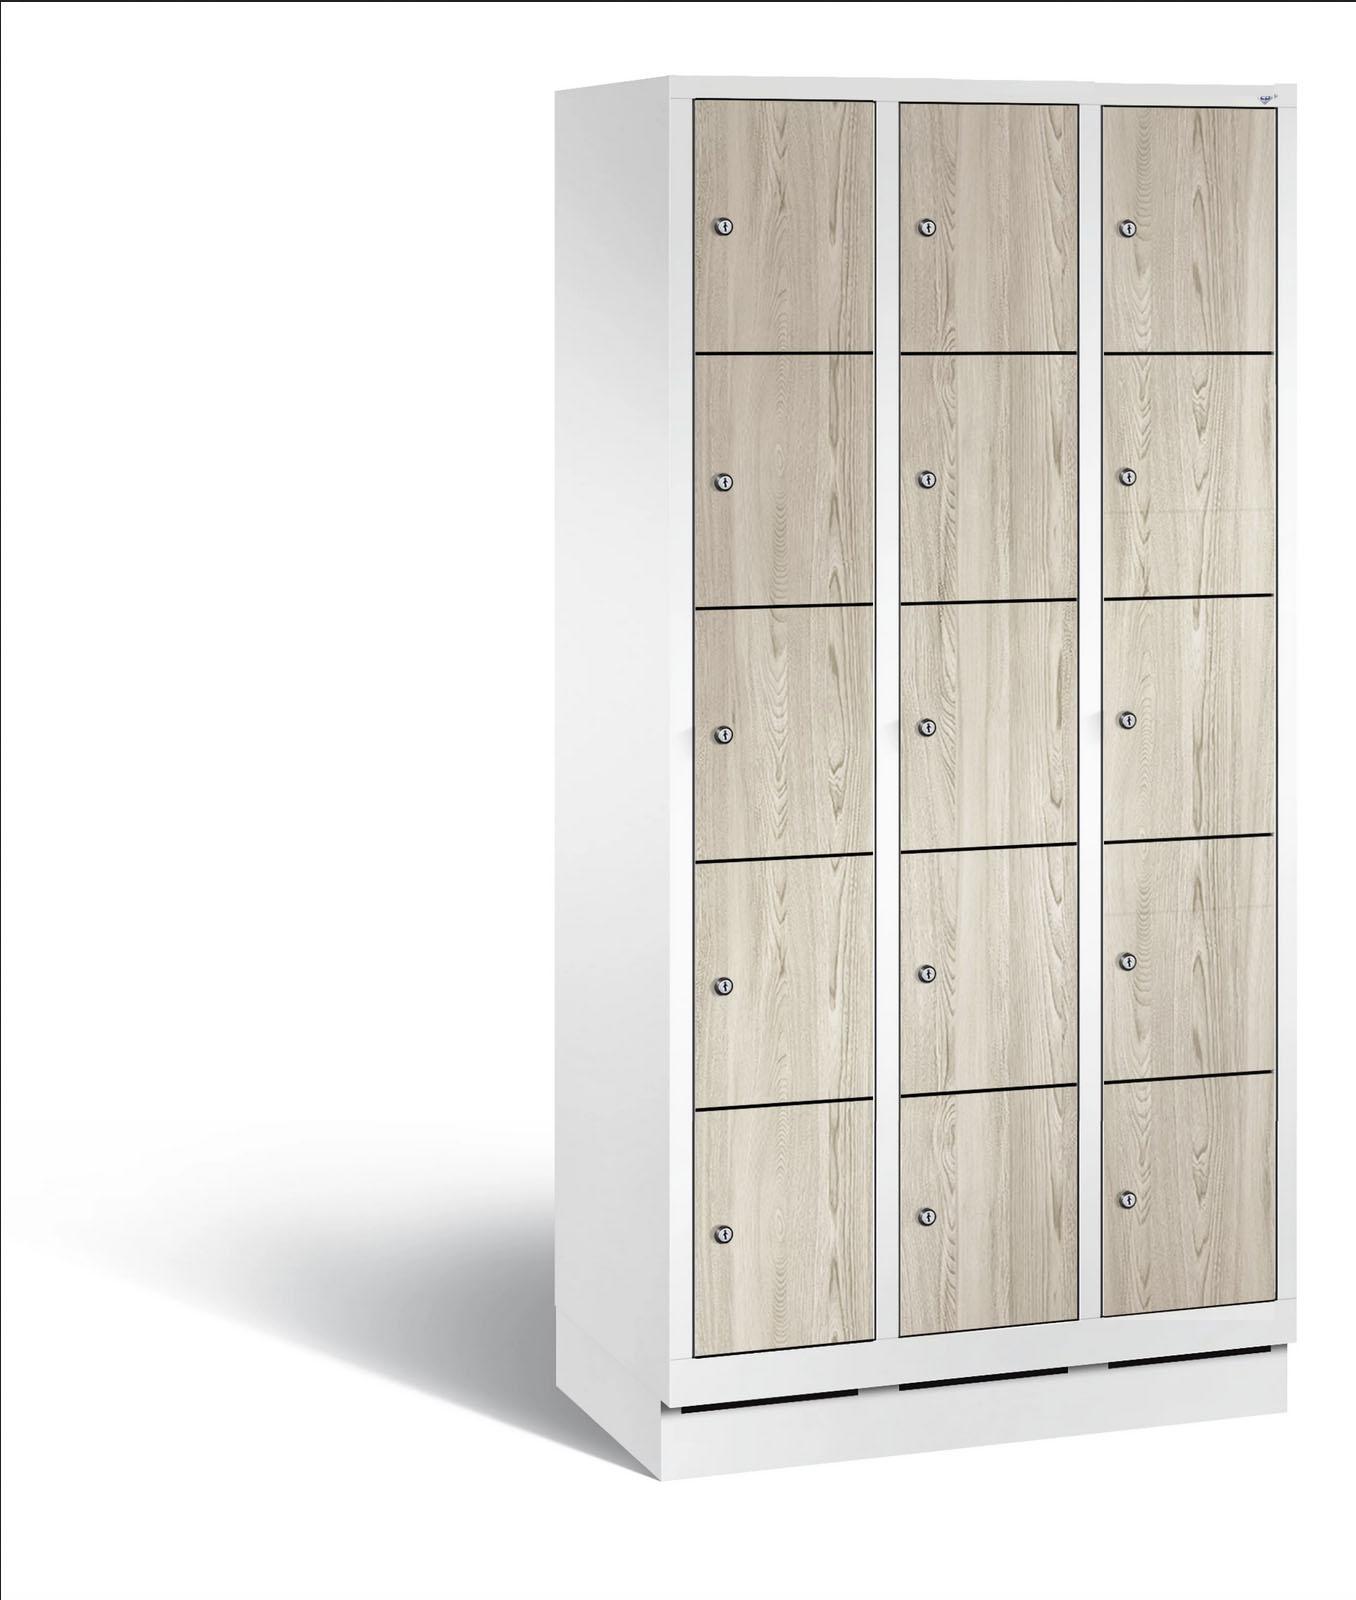 Categorie Vakkenkasten met houten deuren